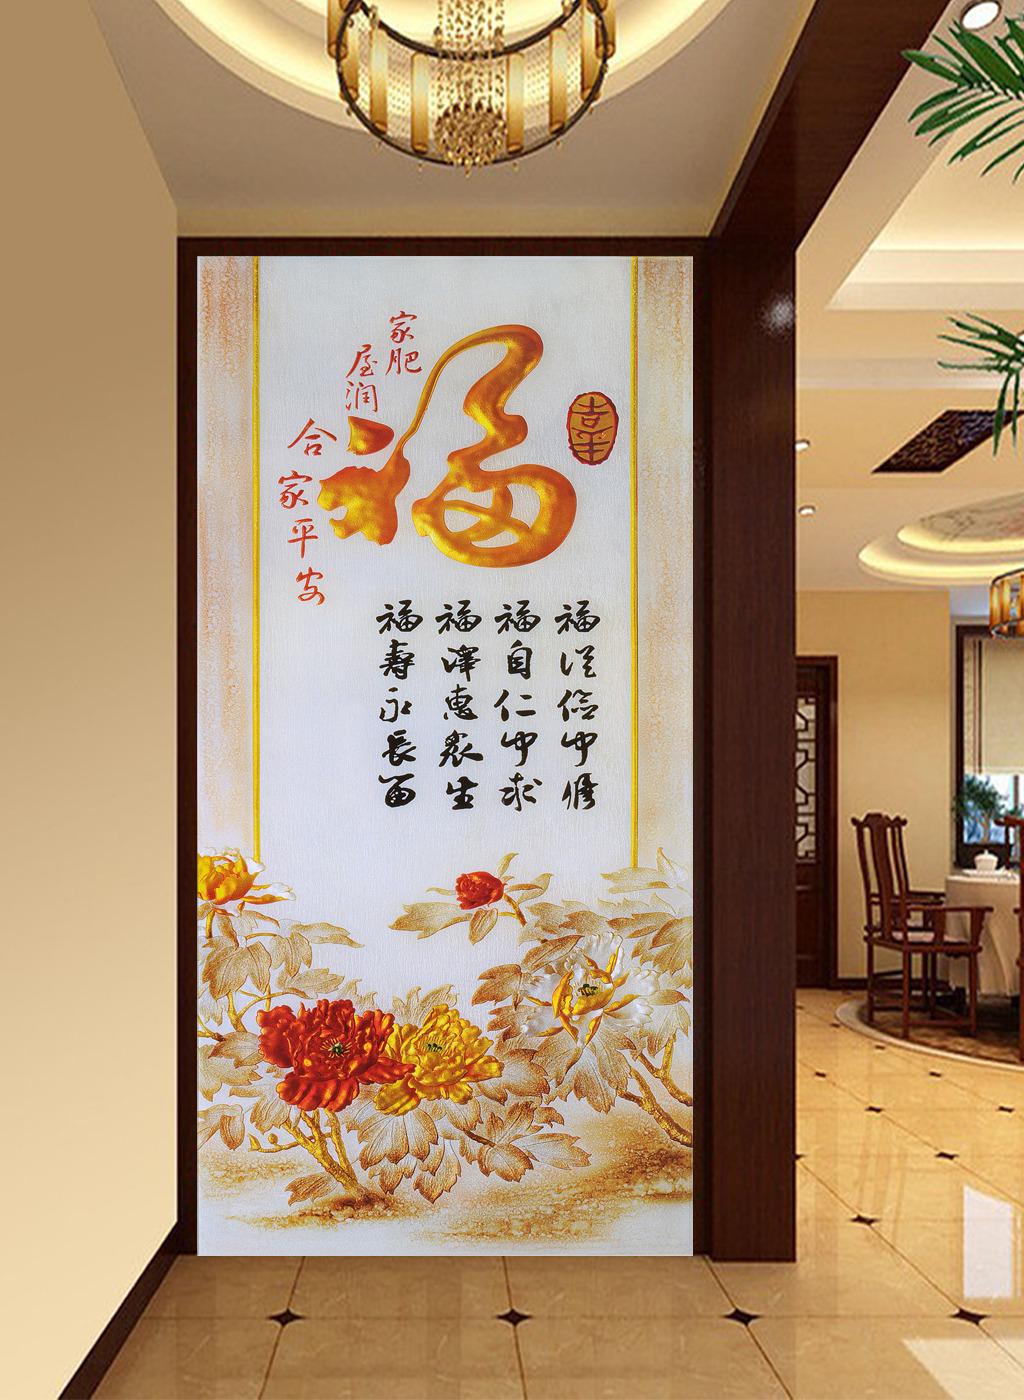 浮雕玄关 墙画中式古典中国风 瓷砖玄关 过道玄关画 壁纸 墙纸 墙画图片